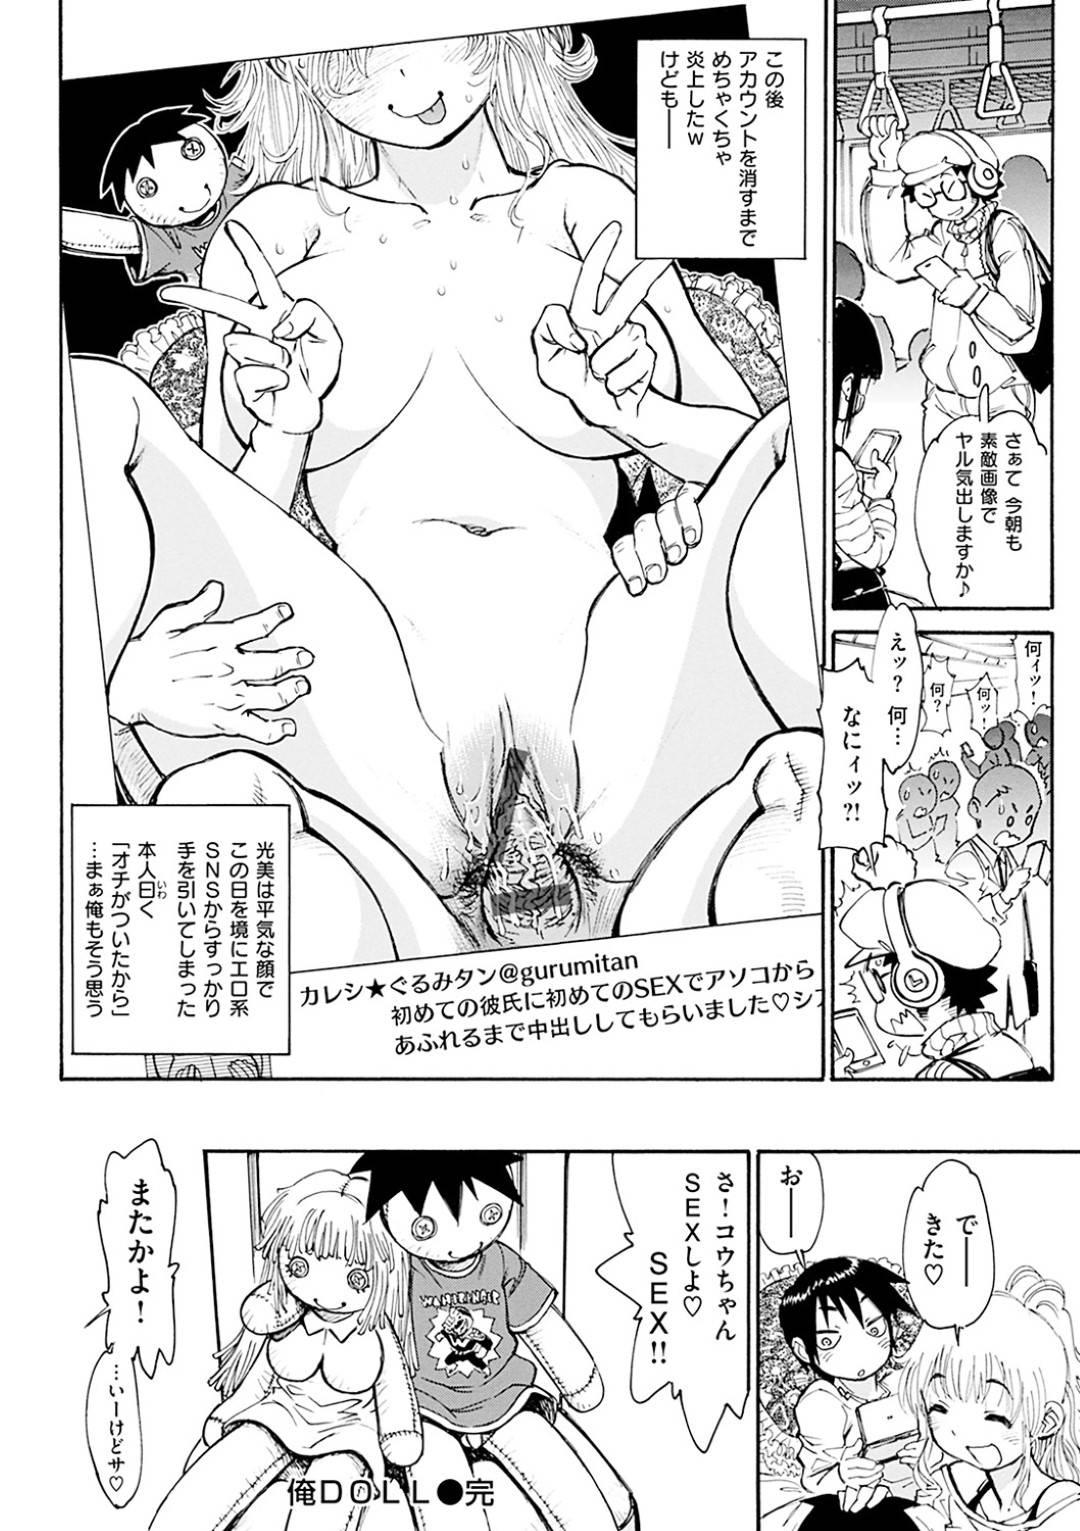 【エロ漫画】エッチな自撮りをSNSに流していることが近所の少年にバレてしまった巨乳お姉さん…彼女はエッチな事に興味津々な彼を誘惑し、正常位でディープキスしながらいちゃラブセックスする。【田沼雄一郎:俺DOLL】